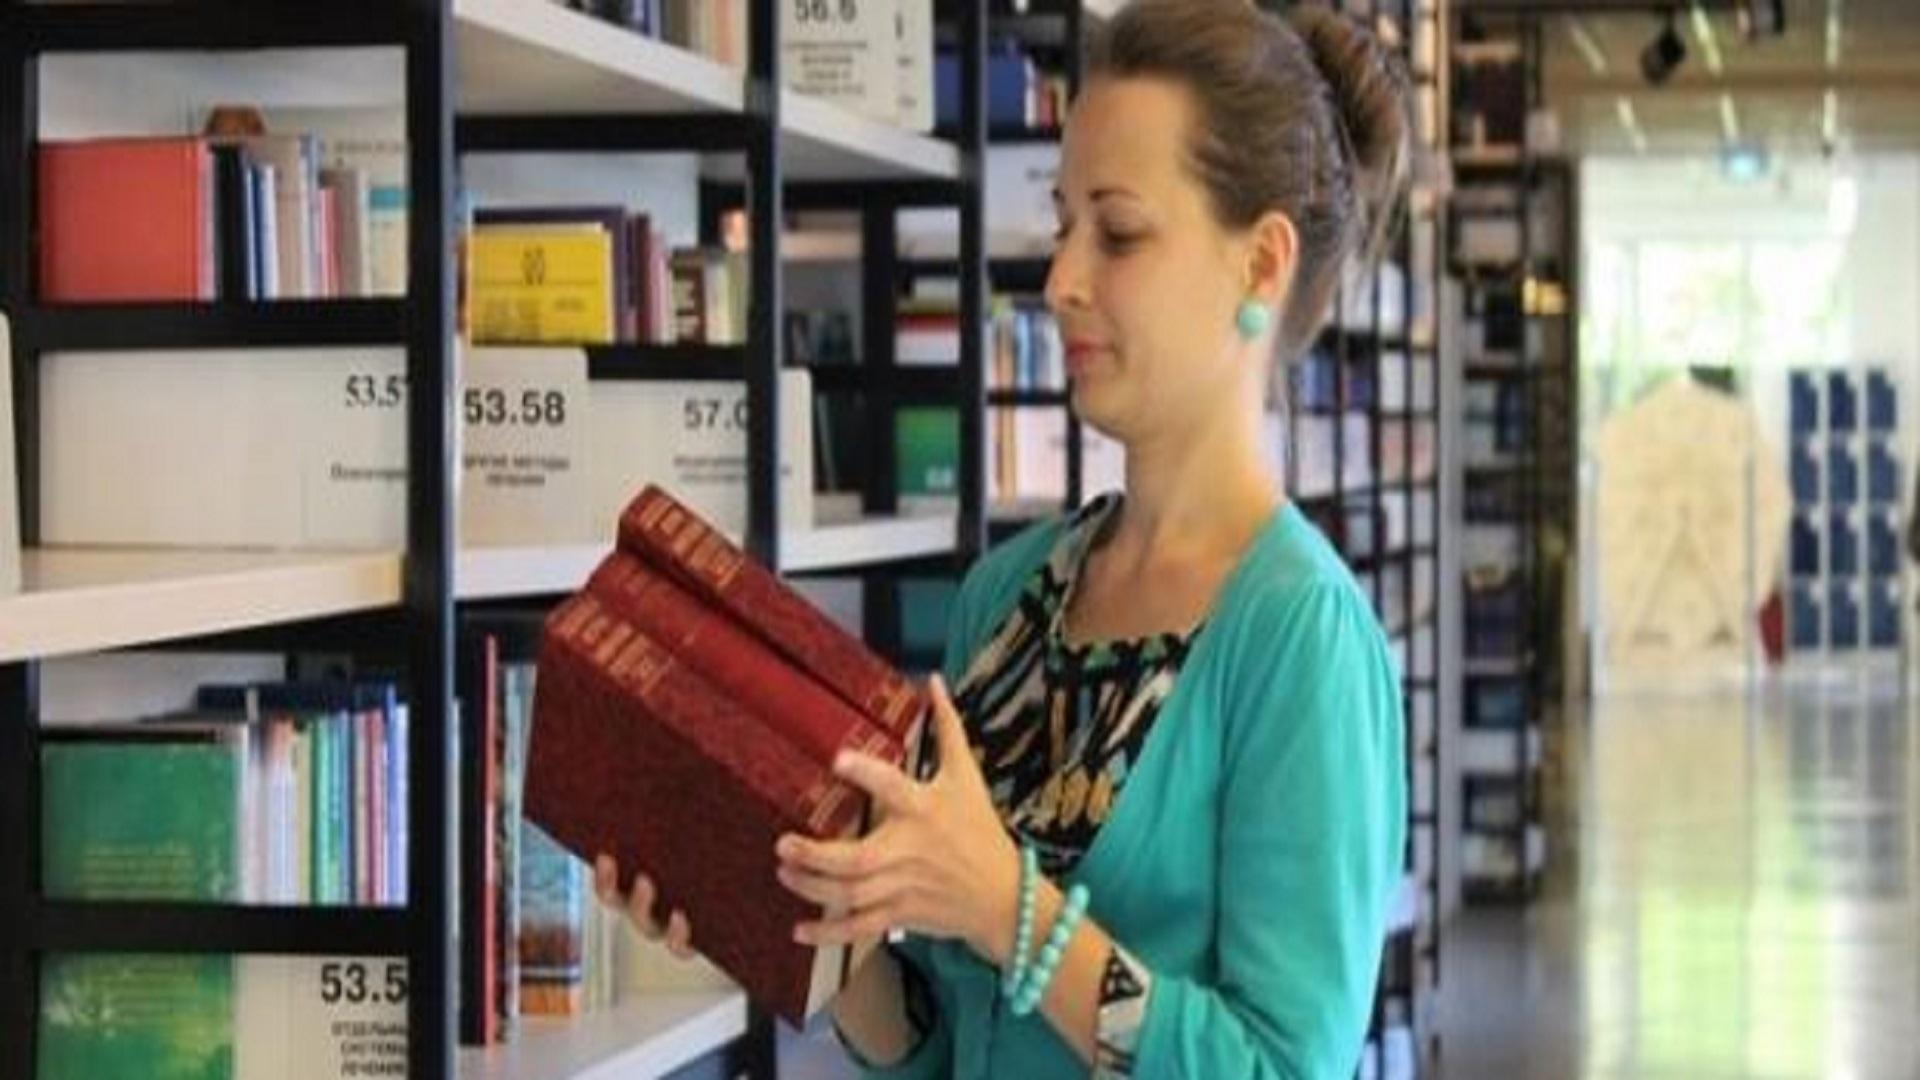 concorso-per-bibliotecario-e-per-archivista-2016_562829